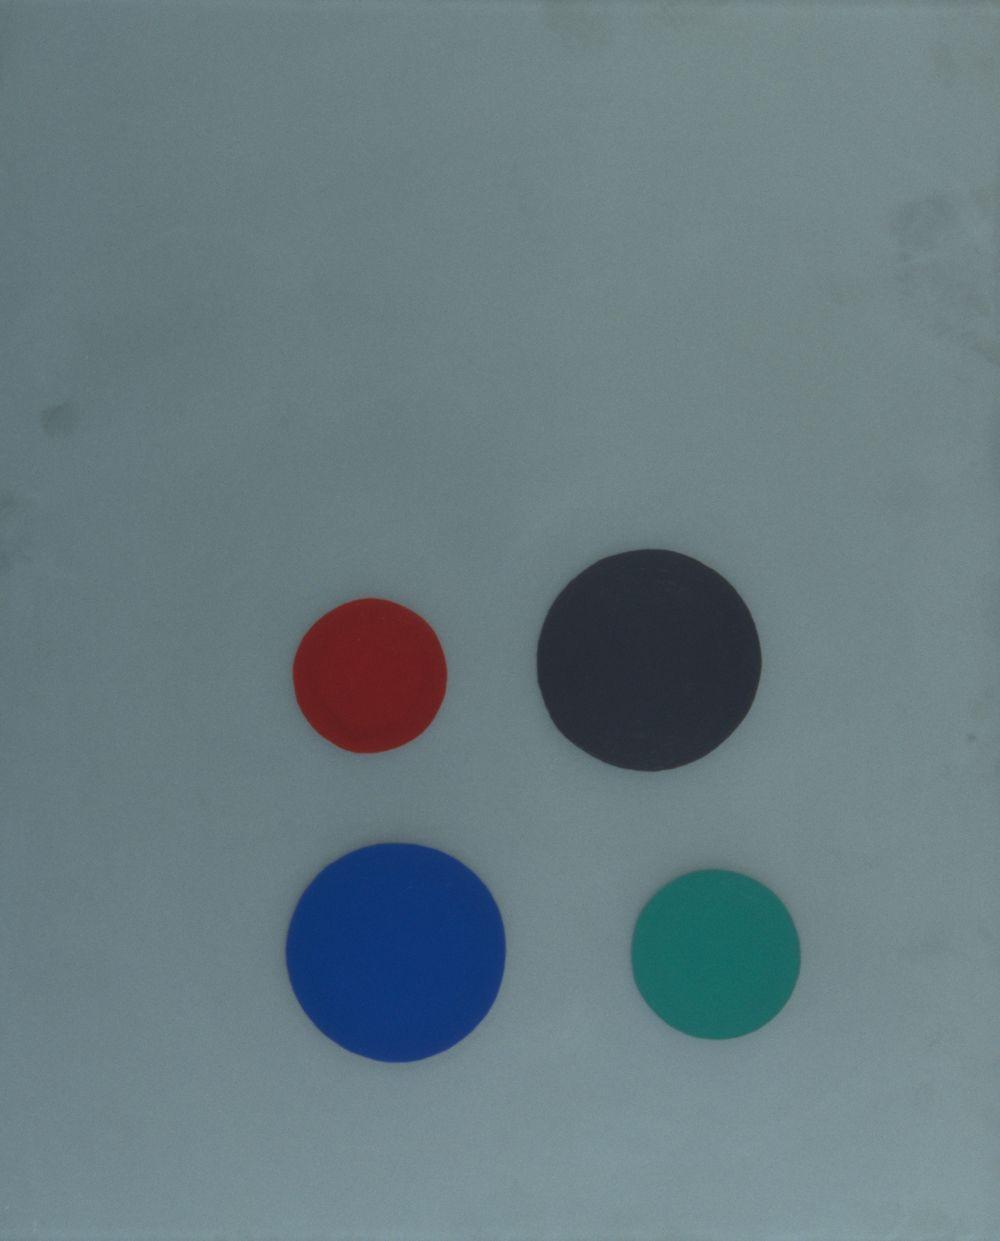 Väriympyrät